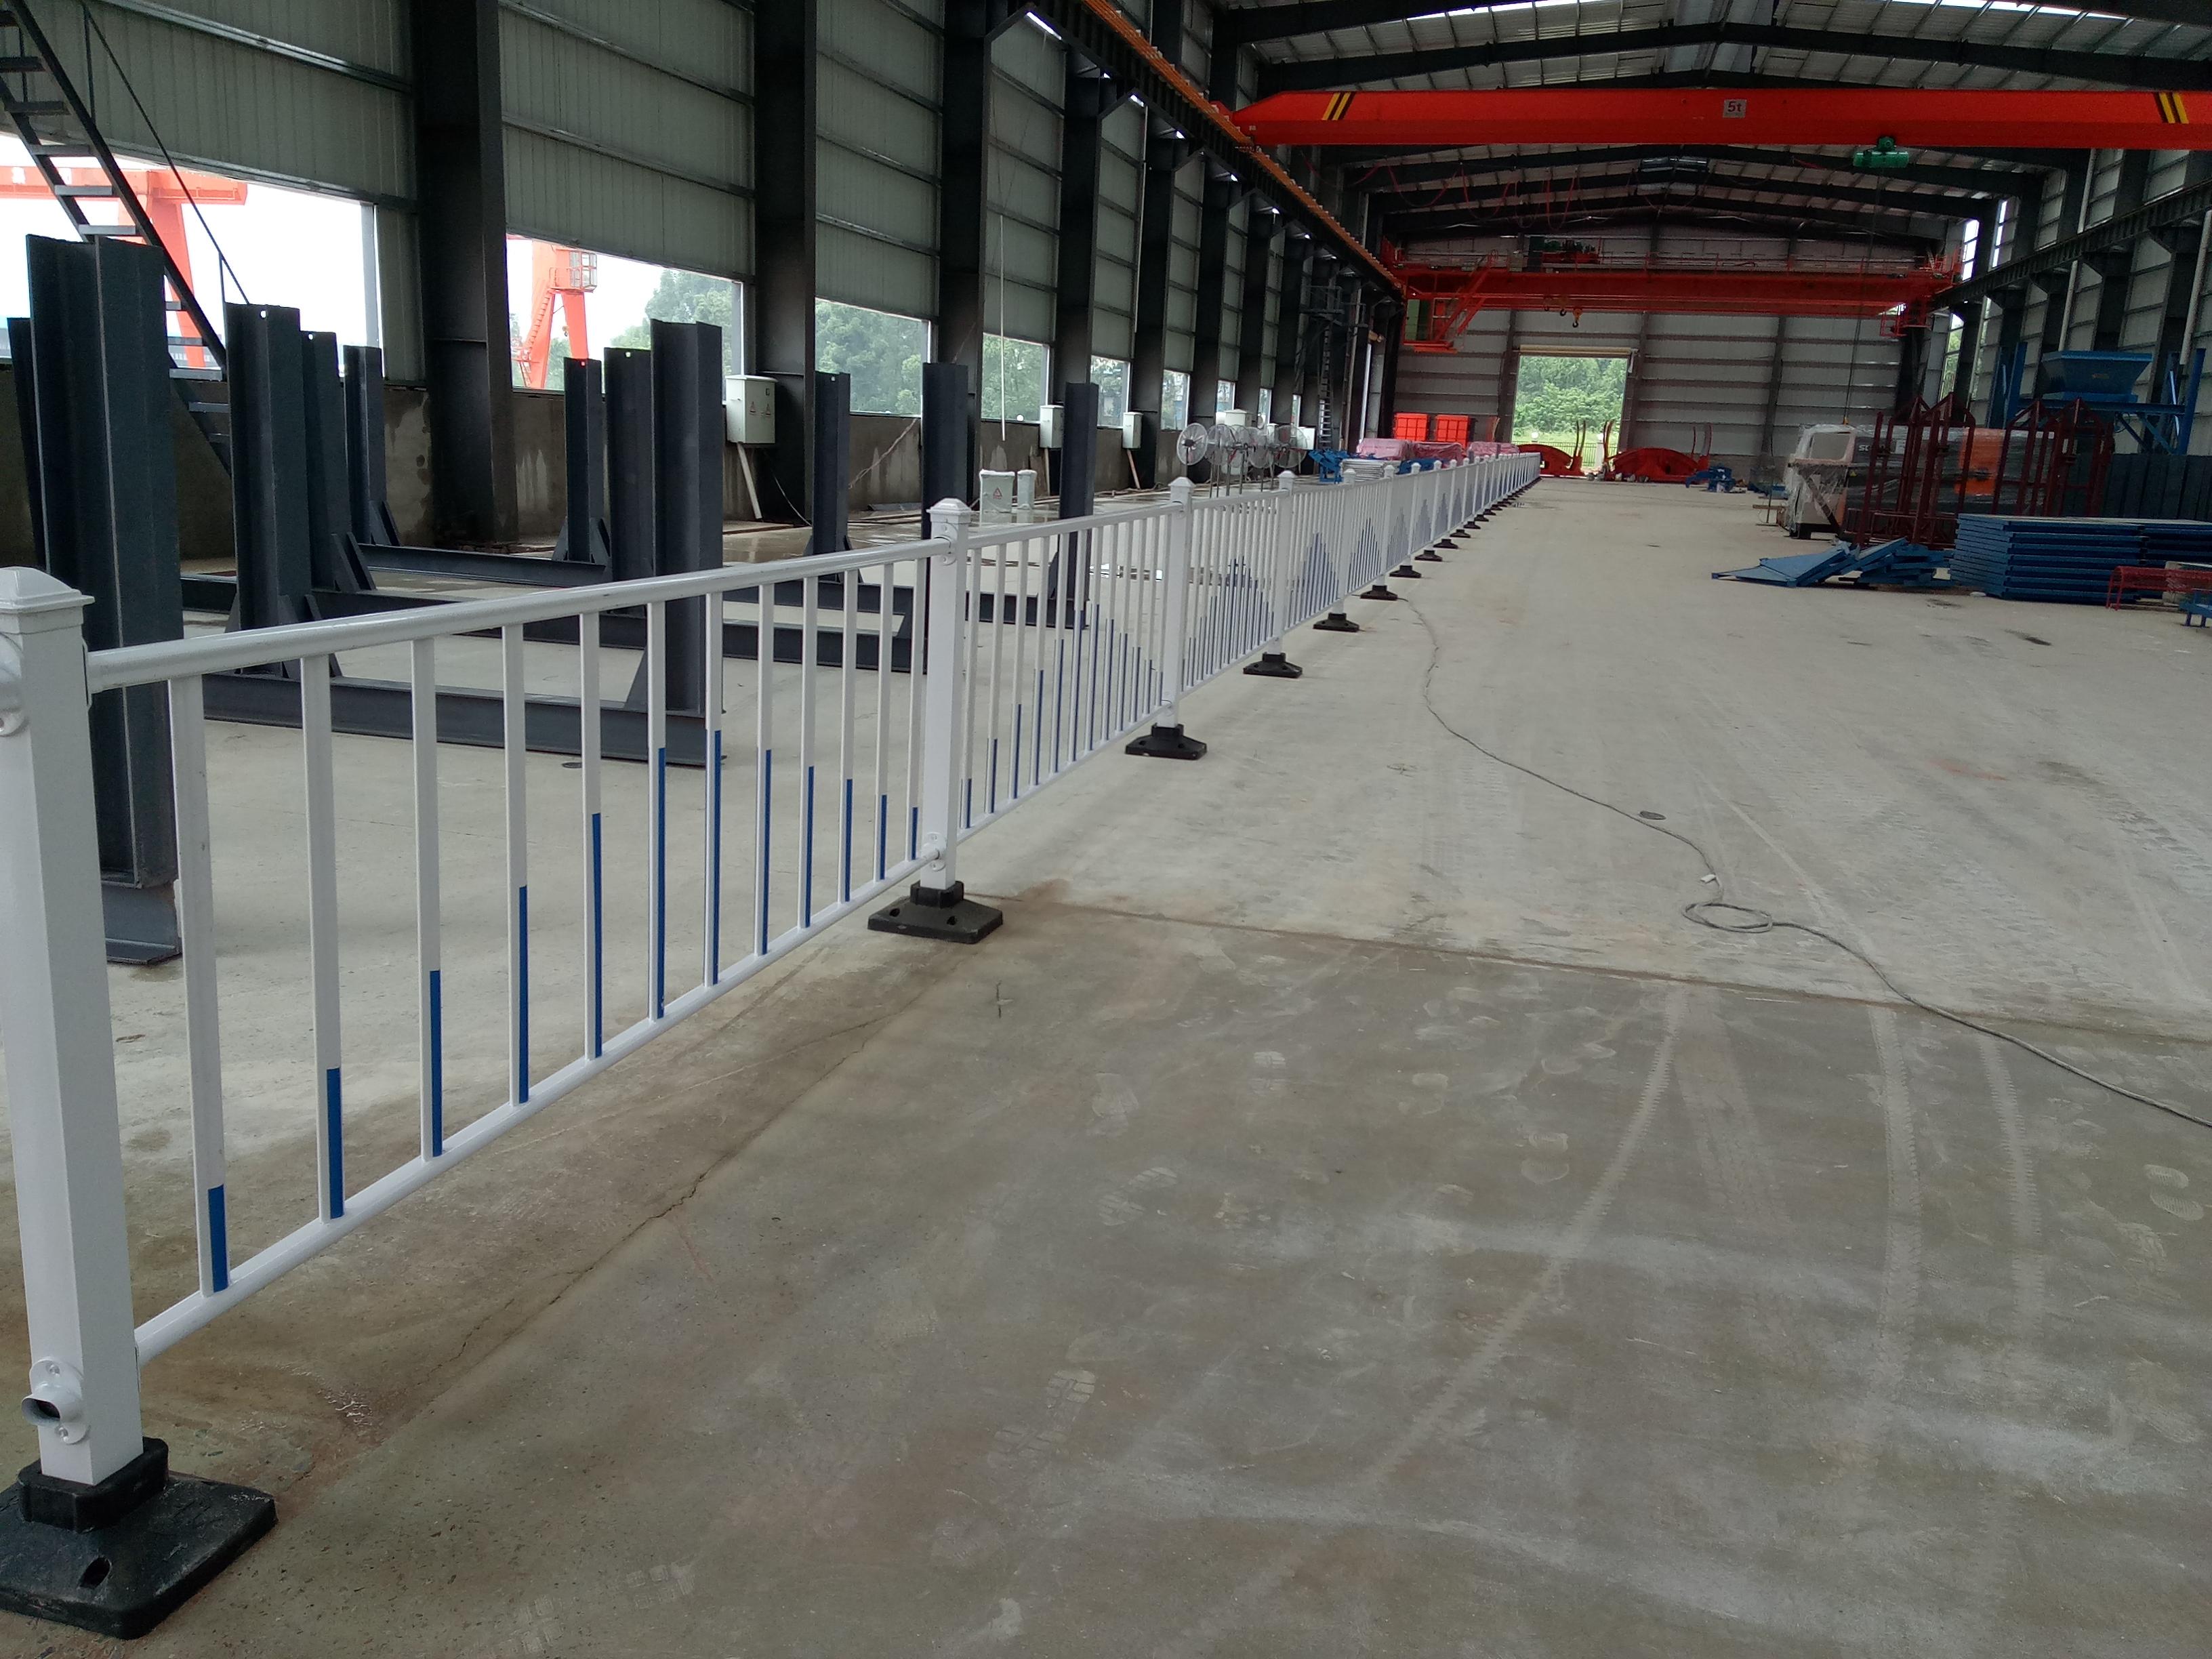 锌钢护栏,交通安全护栏,公路防撞护栏,道路安全防护栏